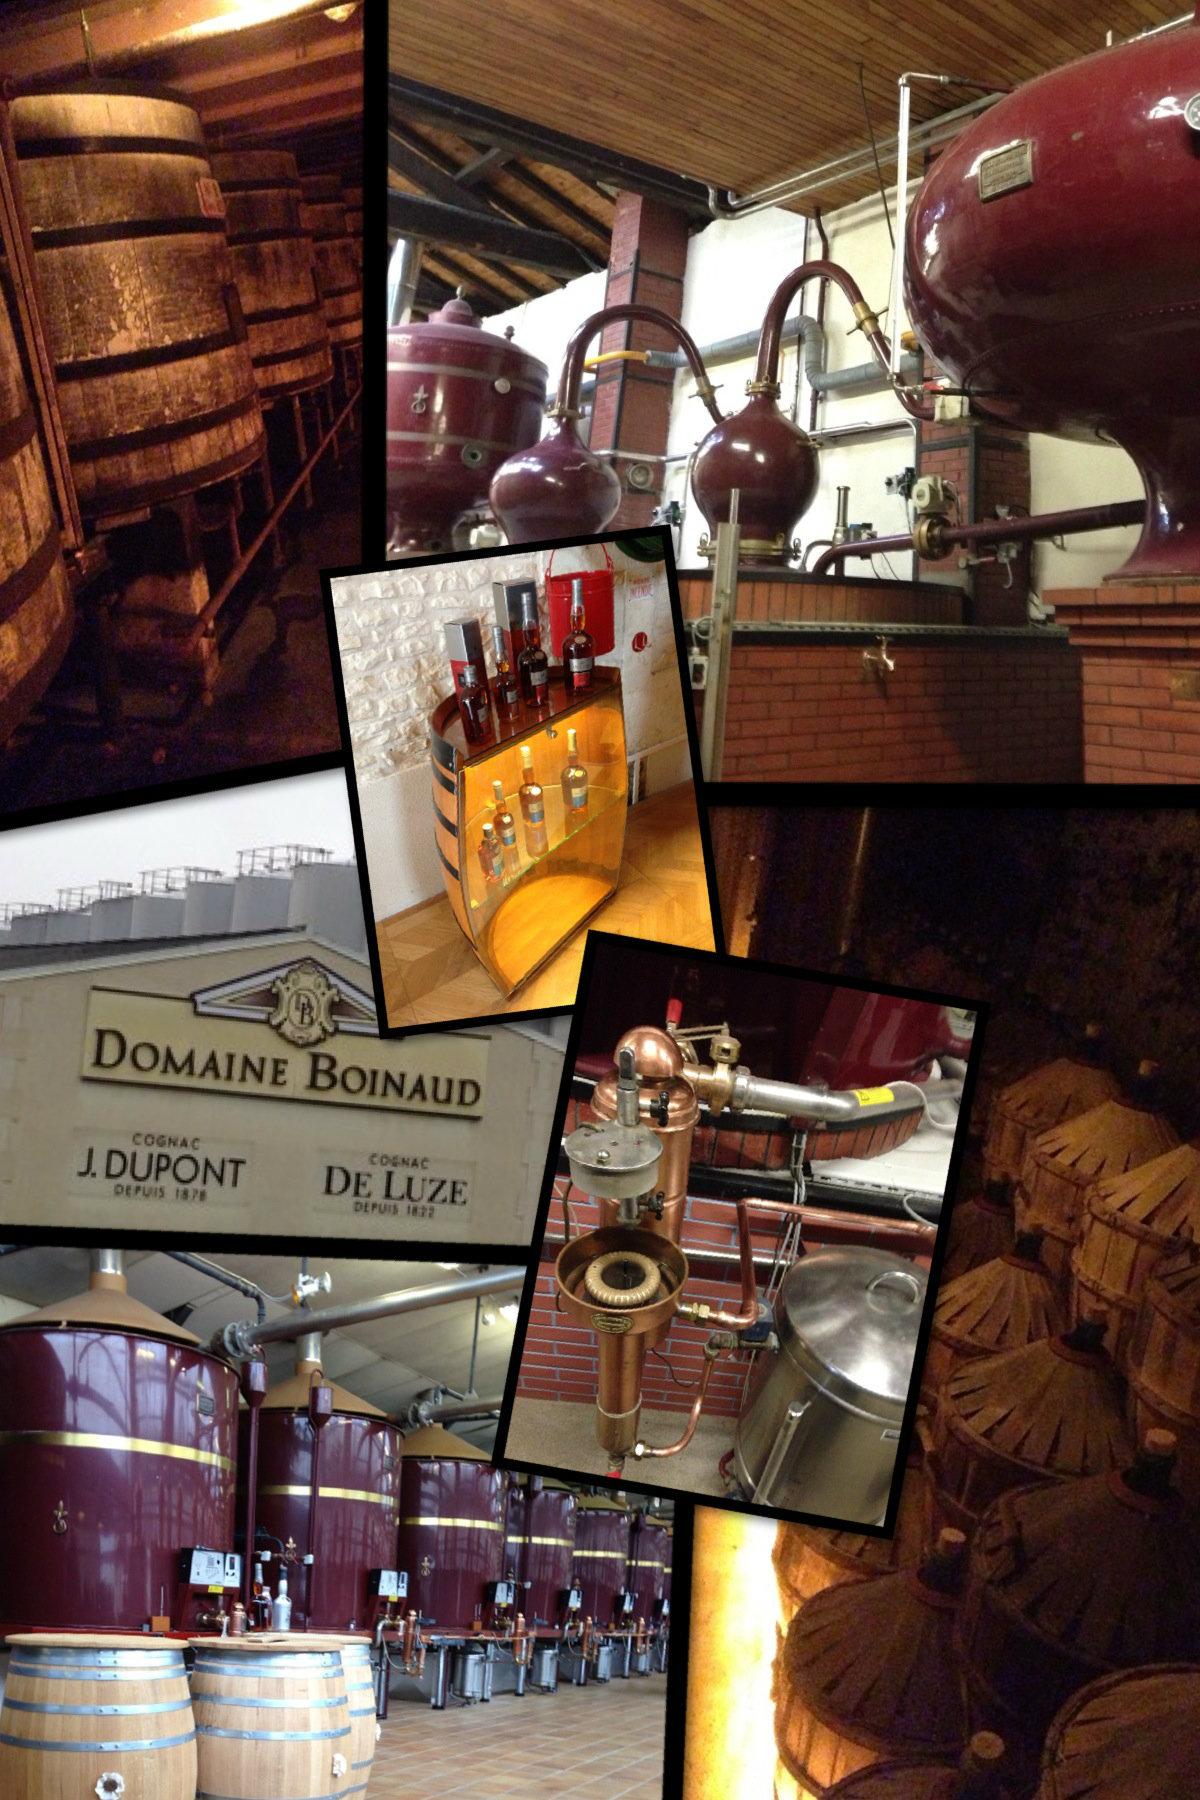 Visite domaine Boinaud - cognac De Luze - Vinocamp Cognac 2013